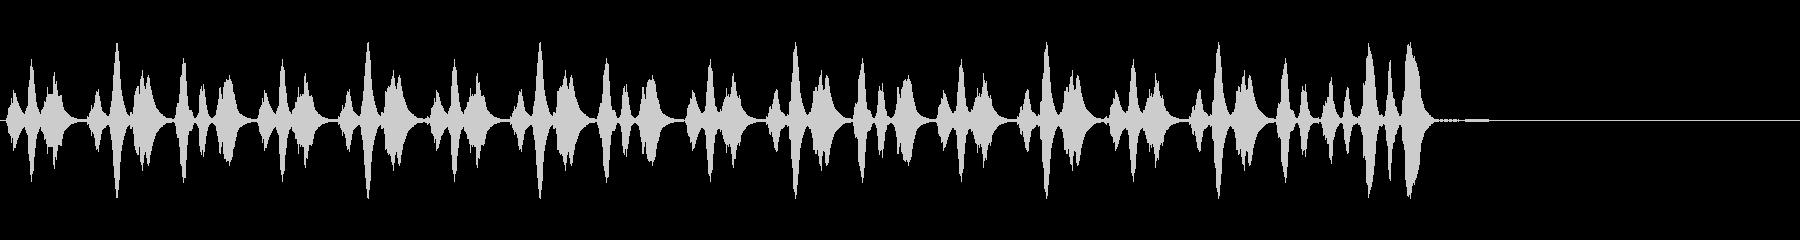 フルート:ホースギャロップアクセン...の未再生の波形